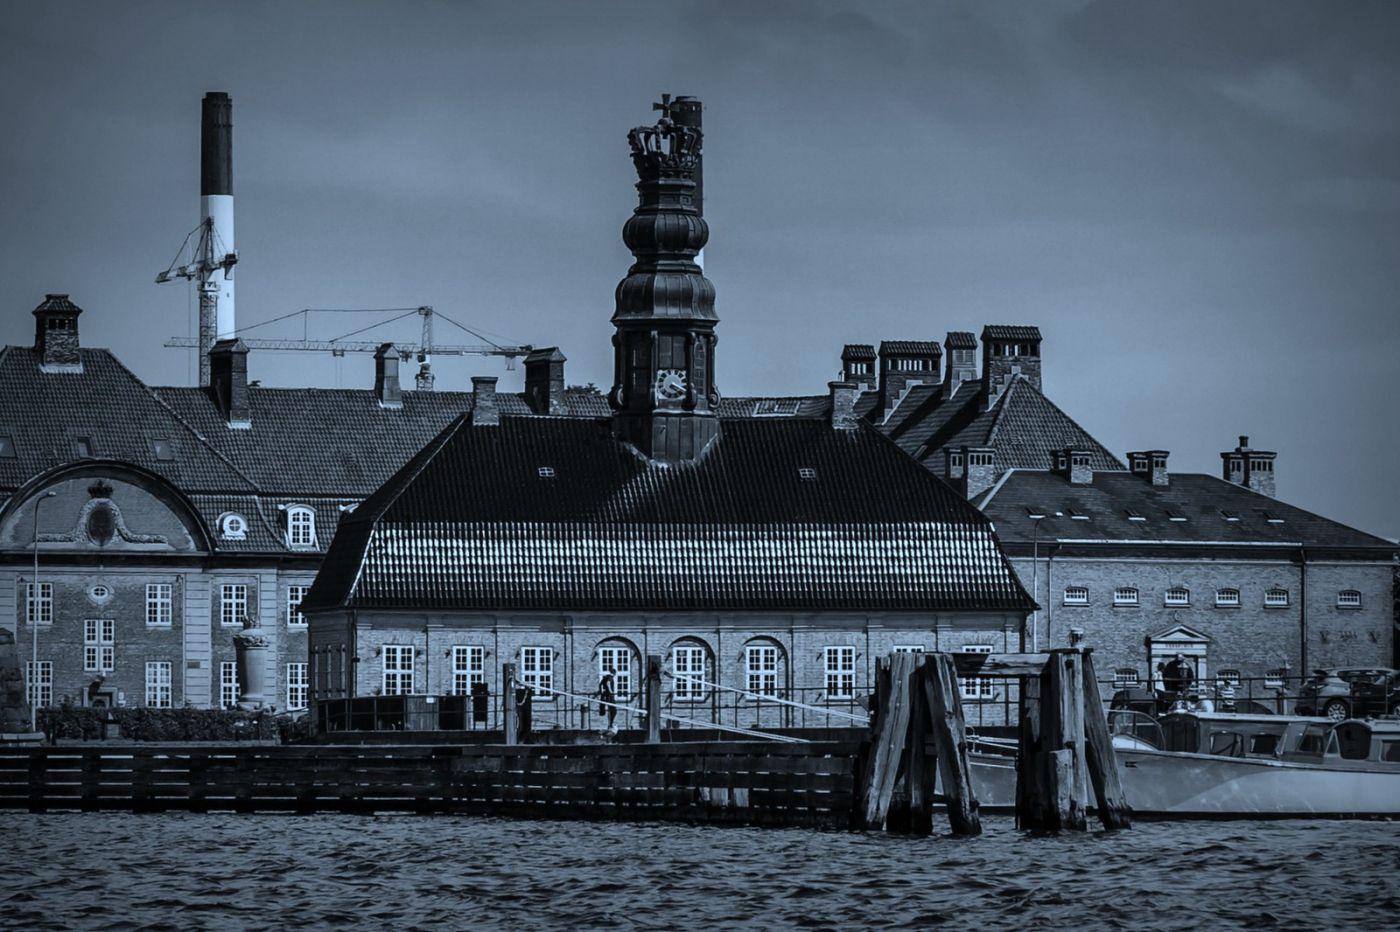 丹麦哥本哈根,坐船看市景_图1-34